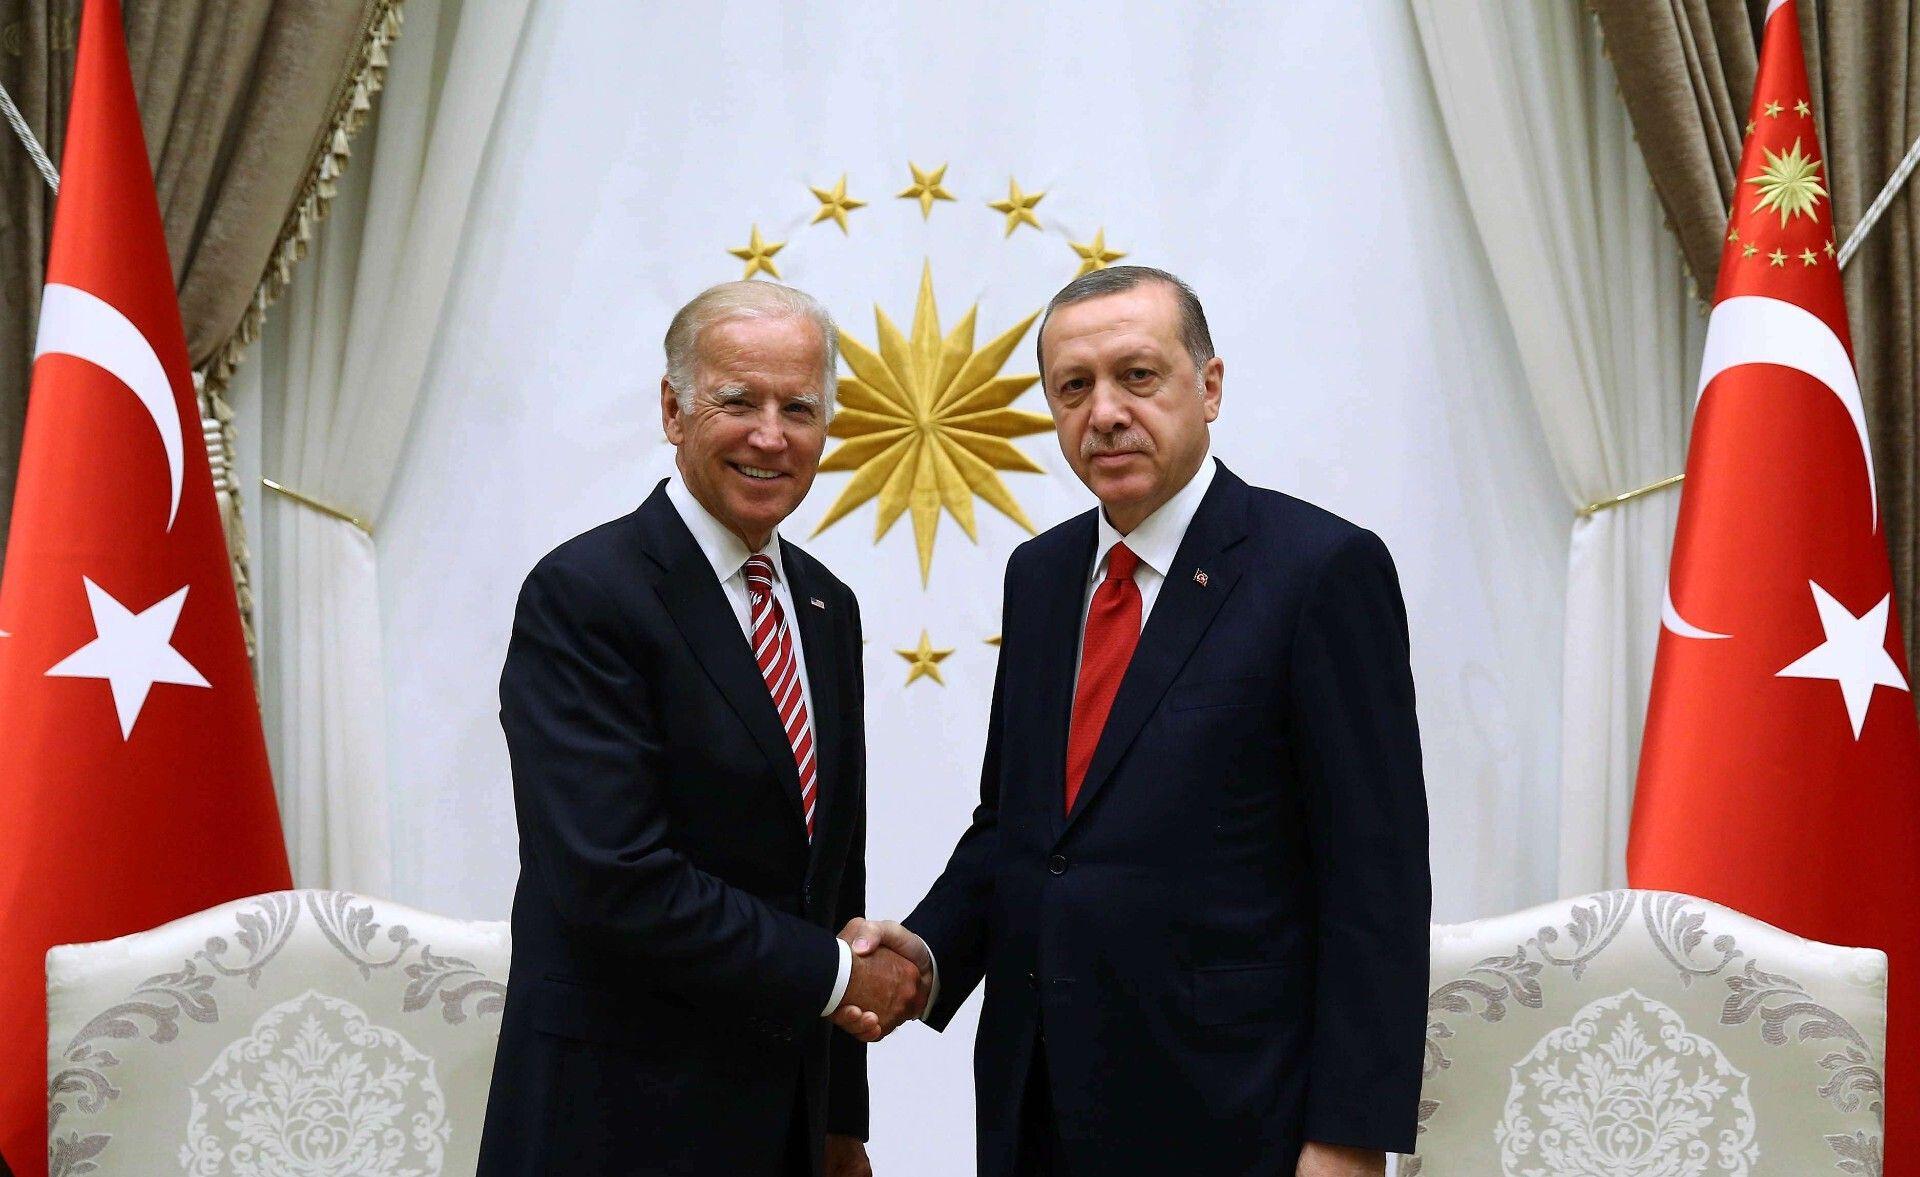 (Illustration) Le président turc Recep Tayyip Erdogan et son homologue américain Joe Biden, en 2016, avant l'élection de Joe Biden.